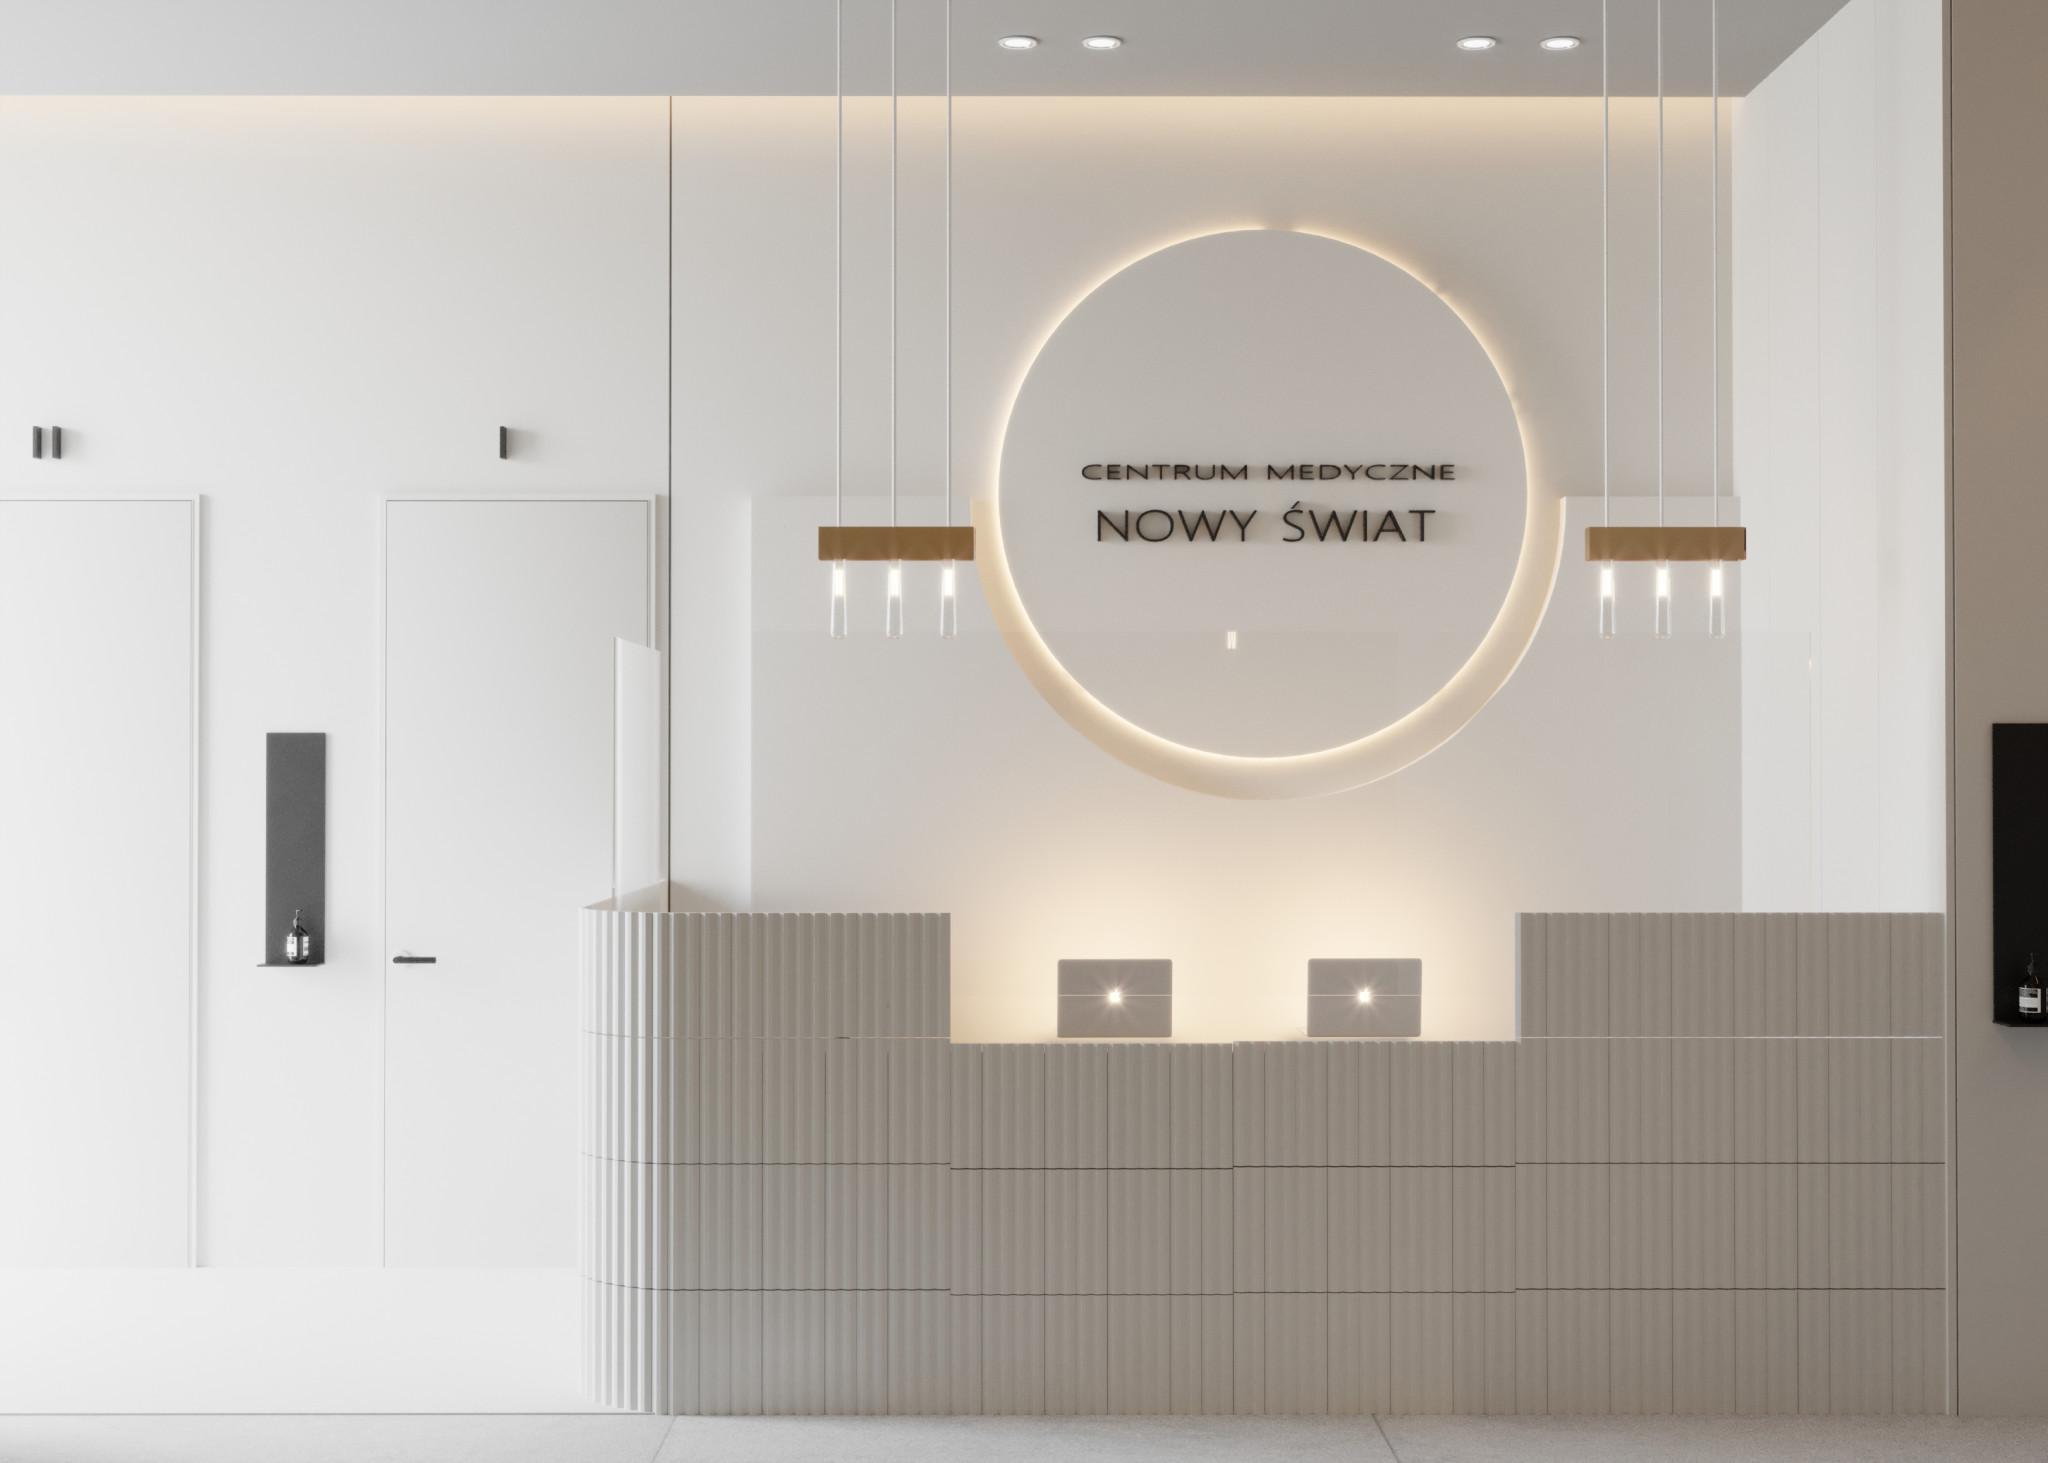 01-projektowanie-wnetrz-centrum-medyczne-nowy-swiat-gliwice